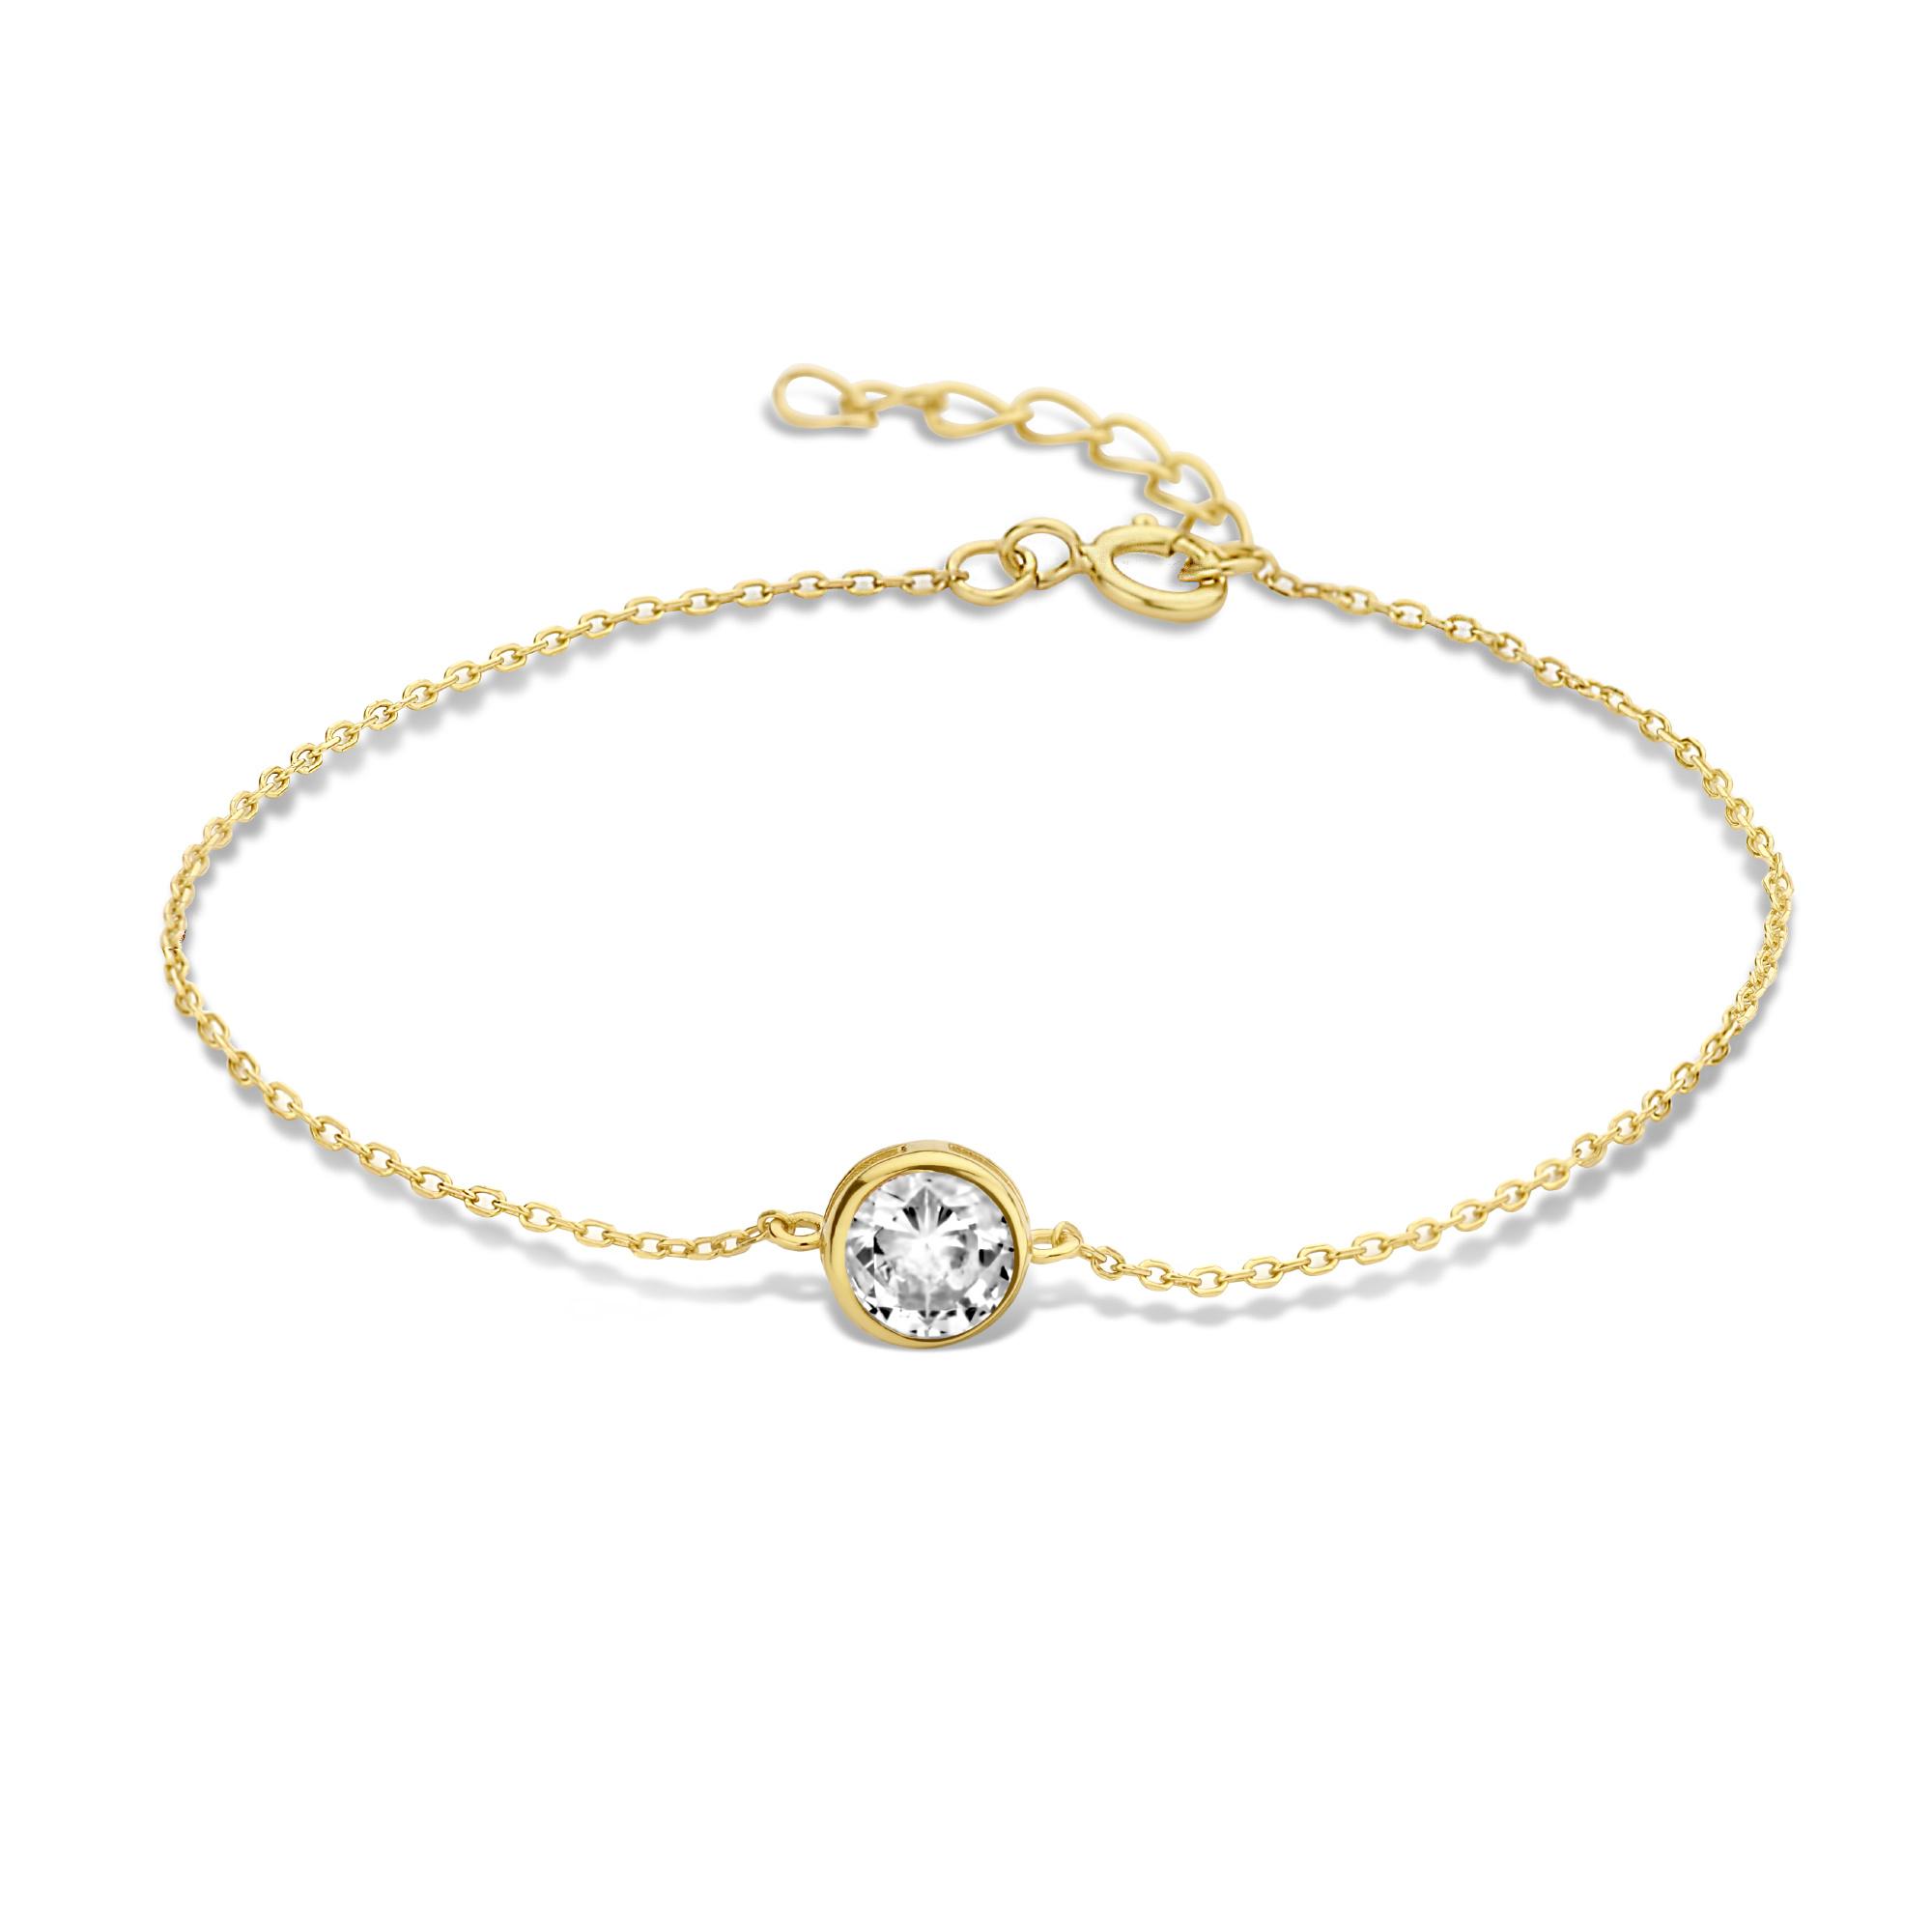 Violet Hamden Venus 925 sterling silver gold colored bracelet with birthstone